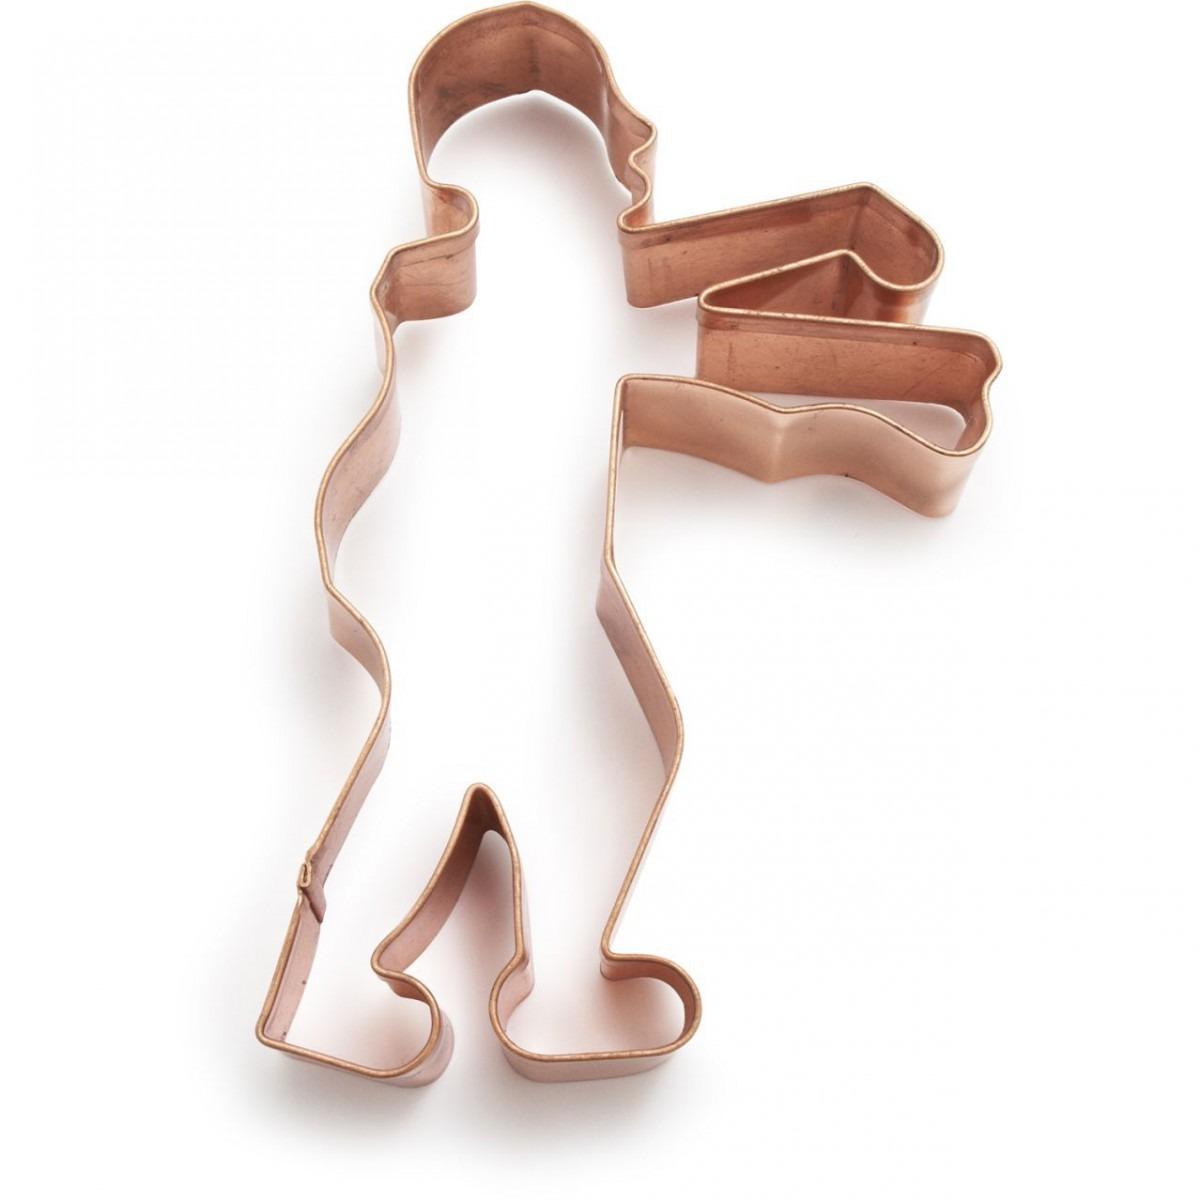 Zombie Copper Cookie Cutter At Sur La Table